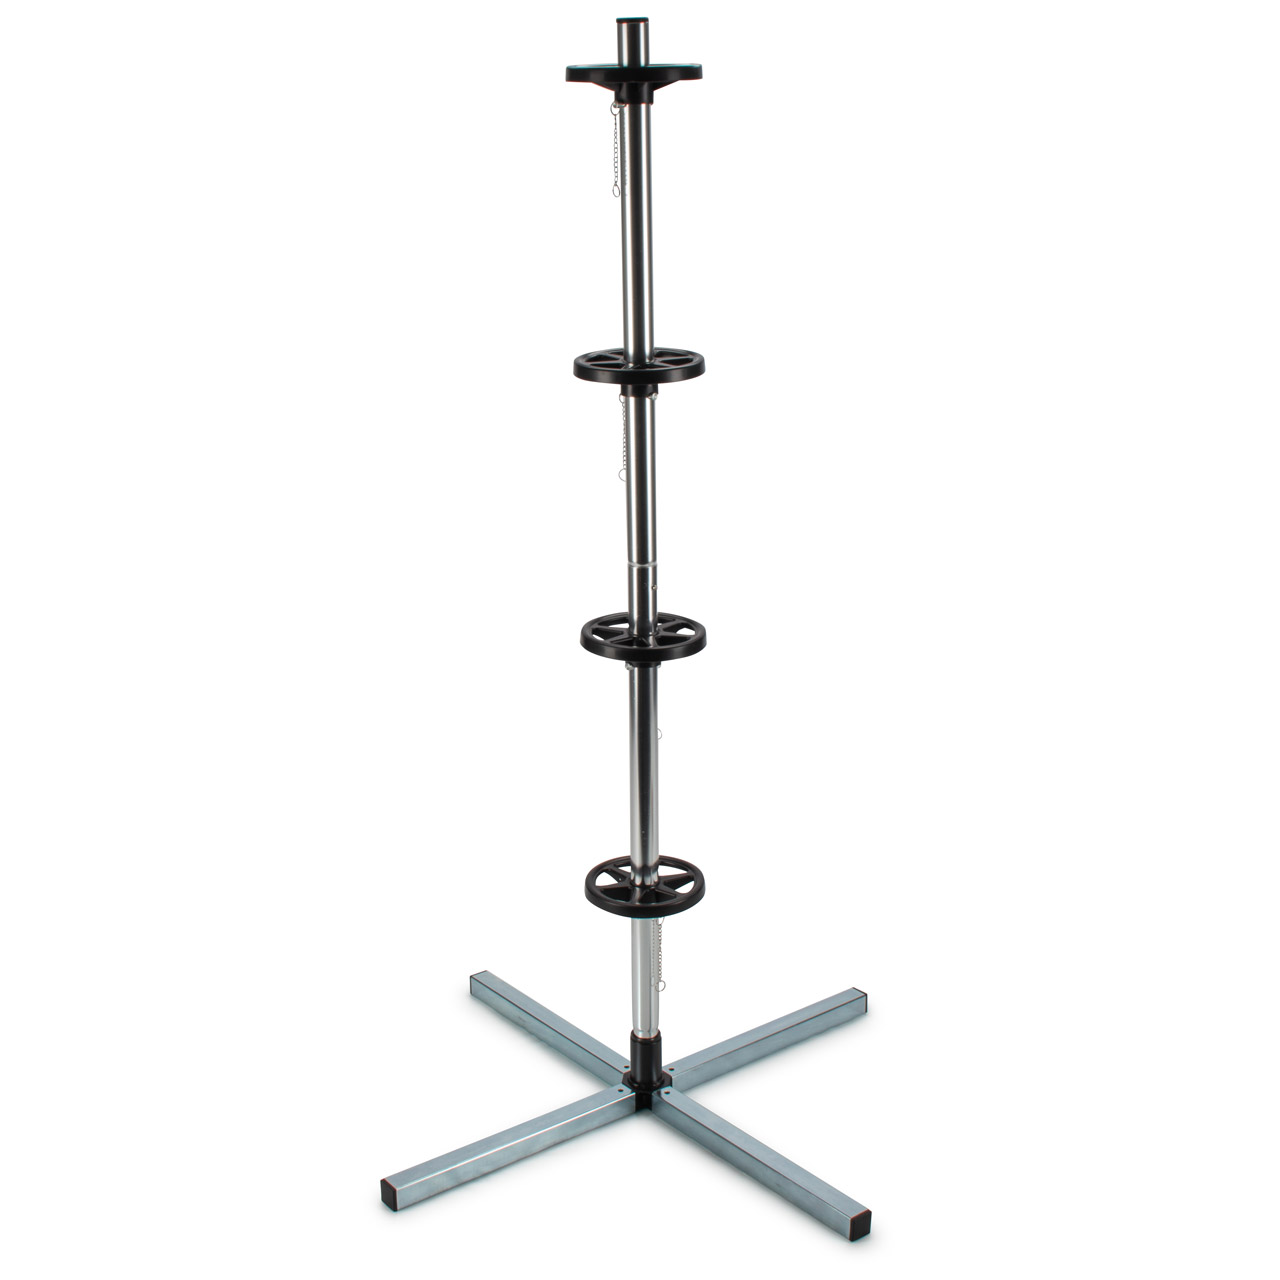 PROPLUS Felgenbaum Felgenständer XL bis 295mm + Schutzhülle + Rad-Markierungsset